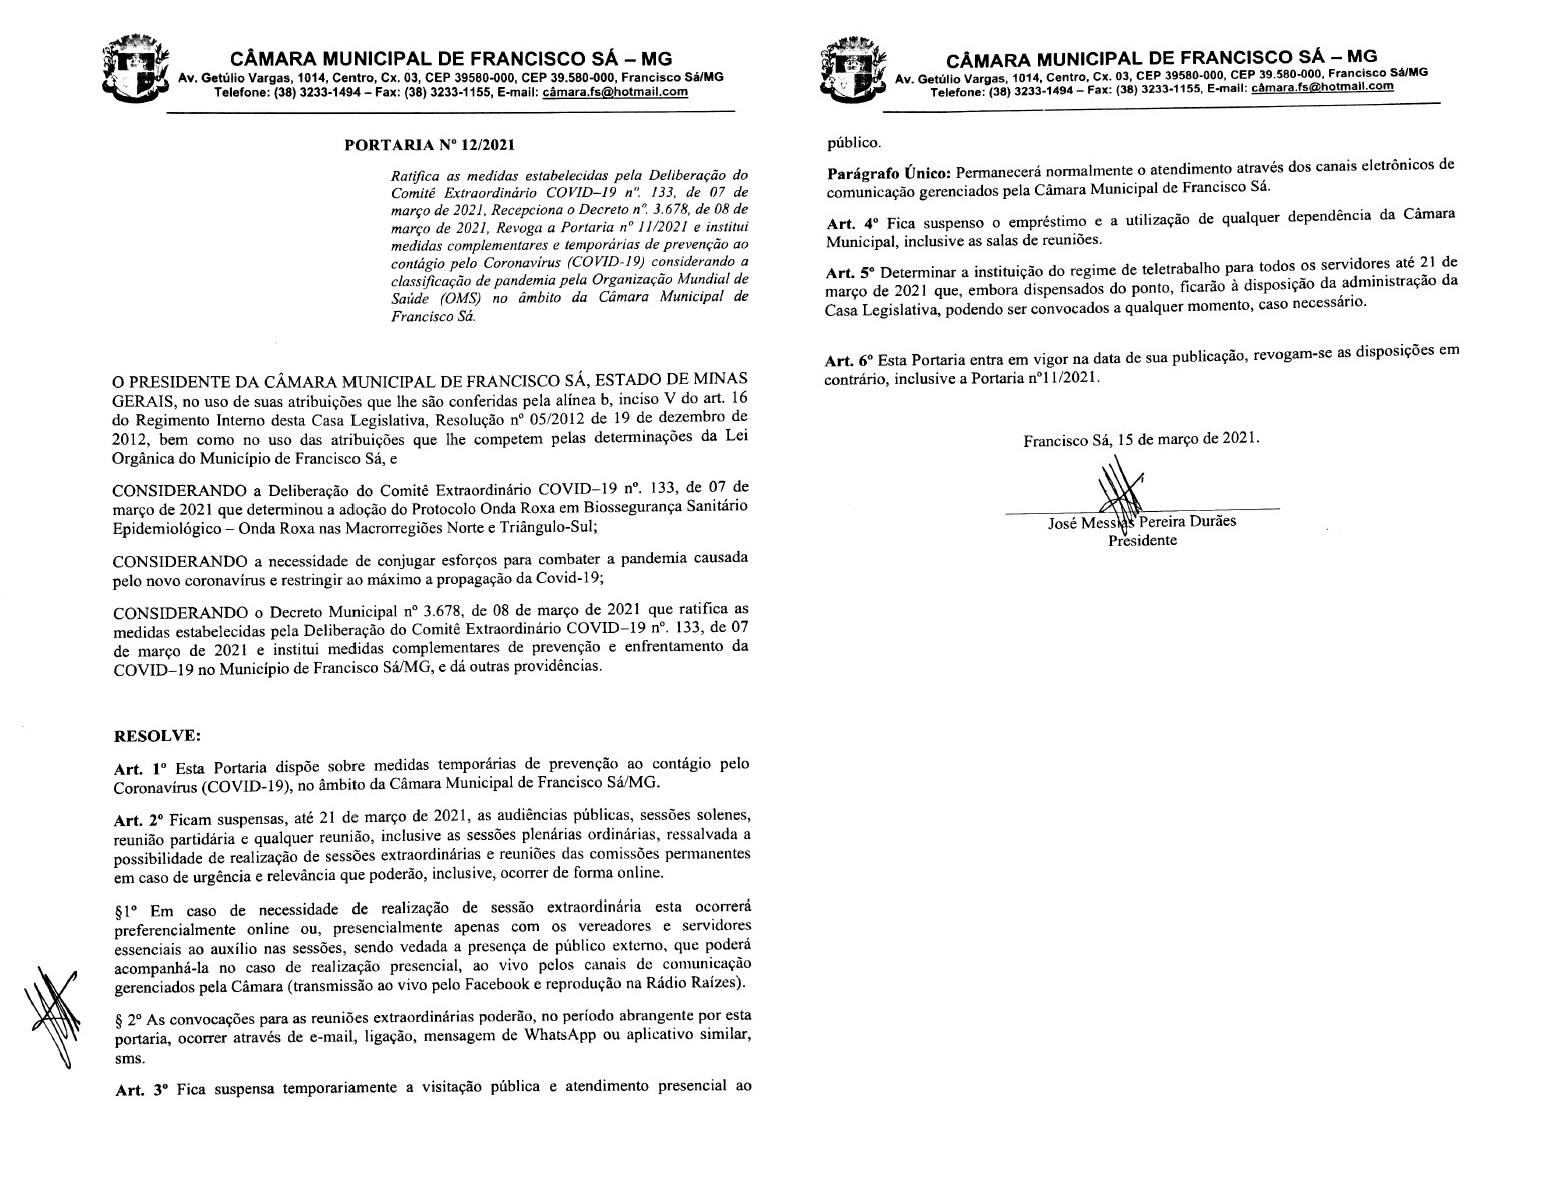 Portaria nº 12/2021 - Institui medidas complementares e temporárias de prevenção ao contágio pelo Coronavírus (COVID-19).